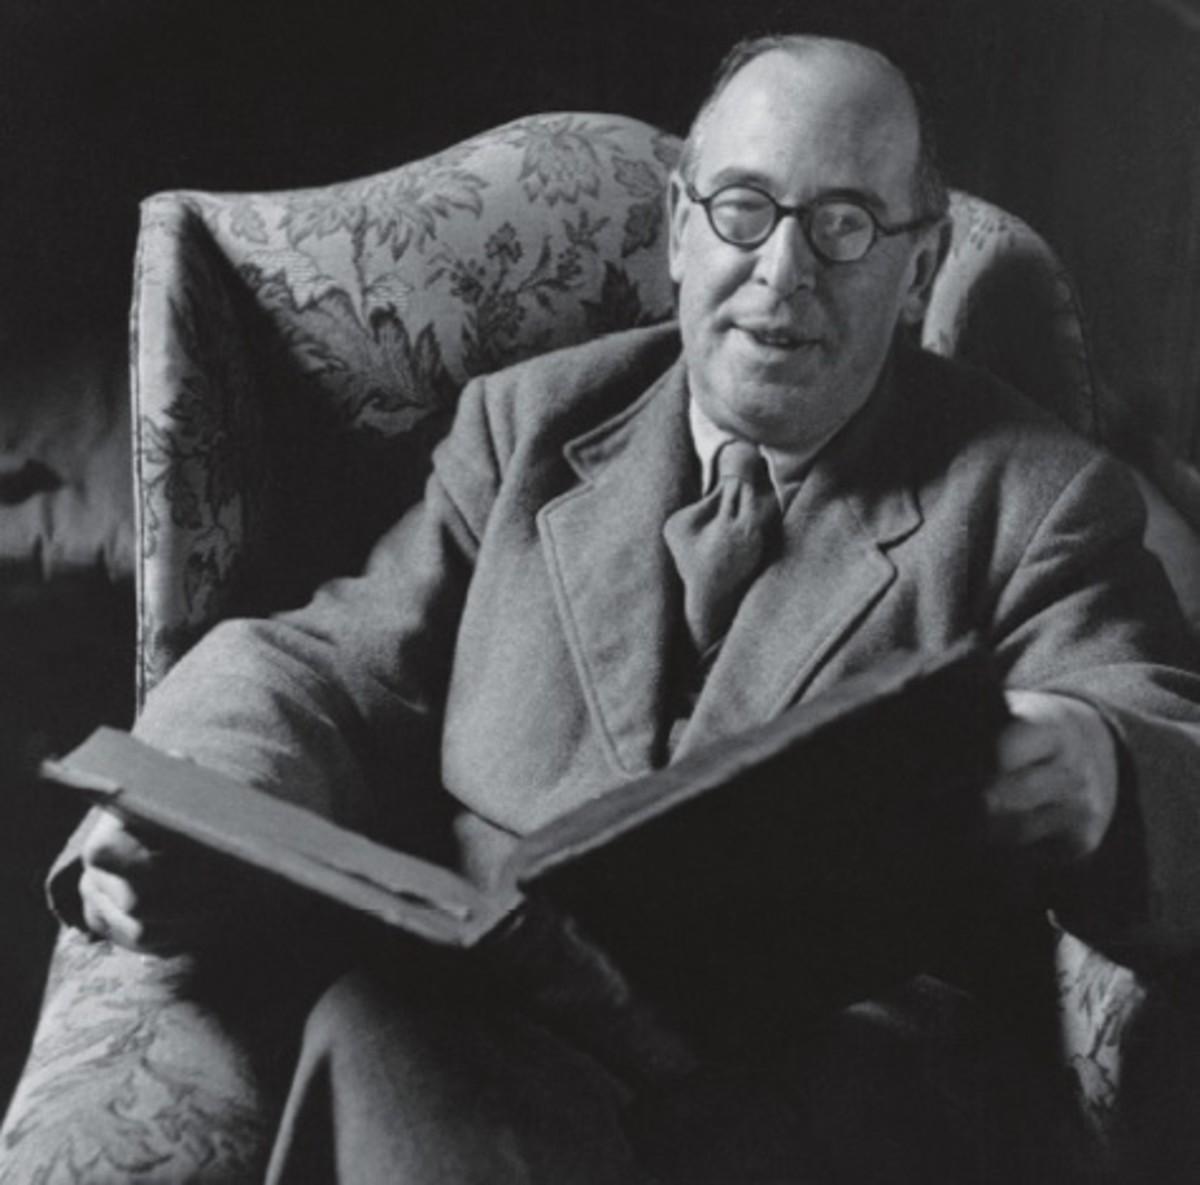 C. S. LEWIS as an older man